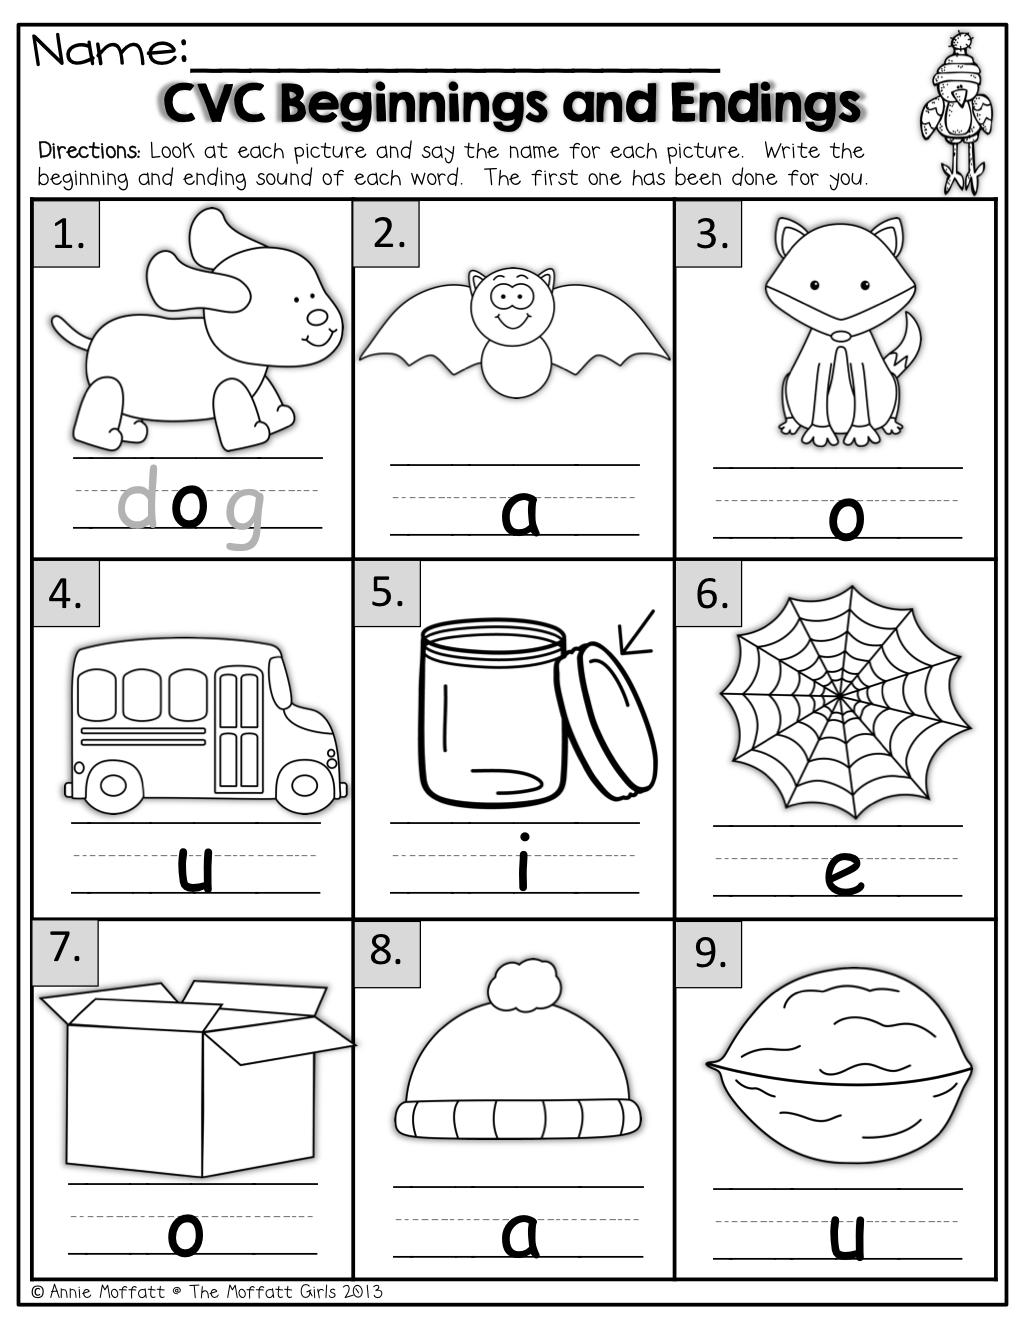 Beginning And Ending Sounds Worksheets For Kindergarten